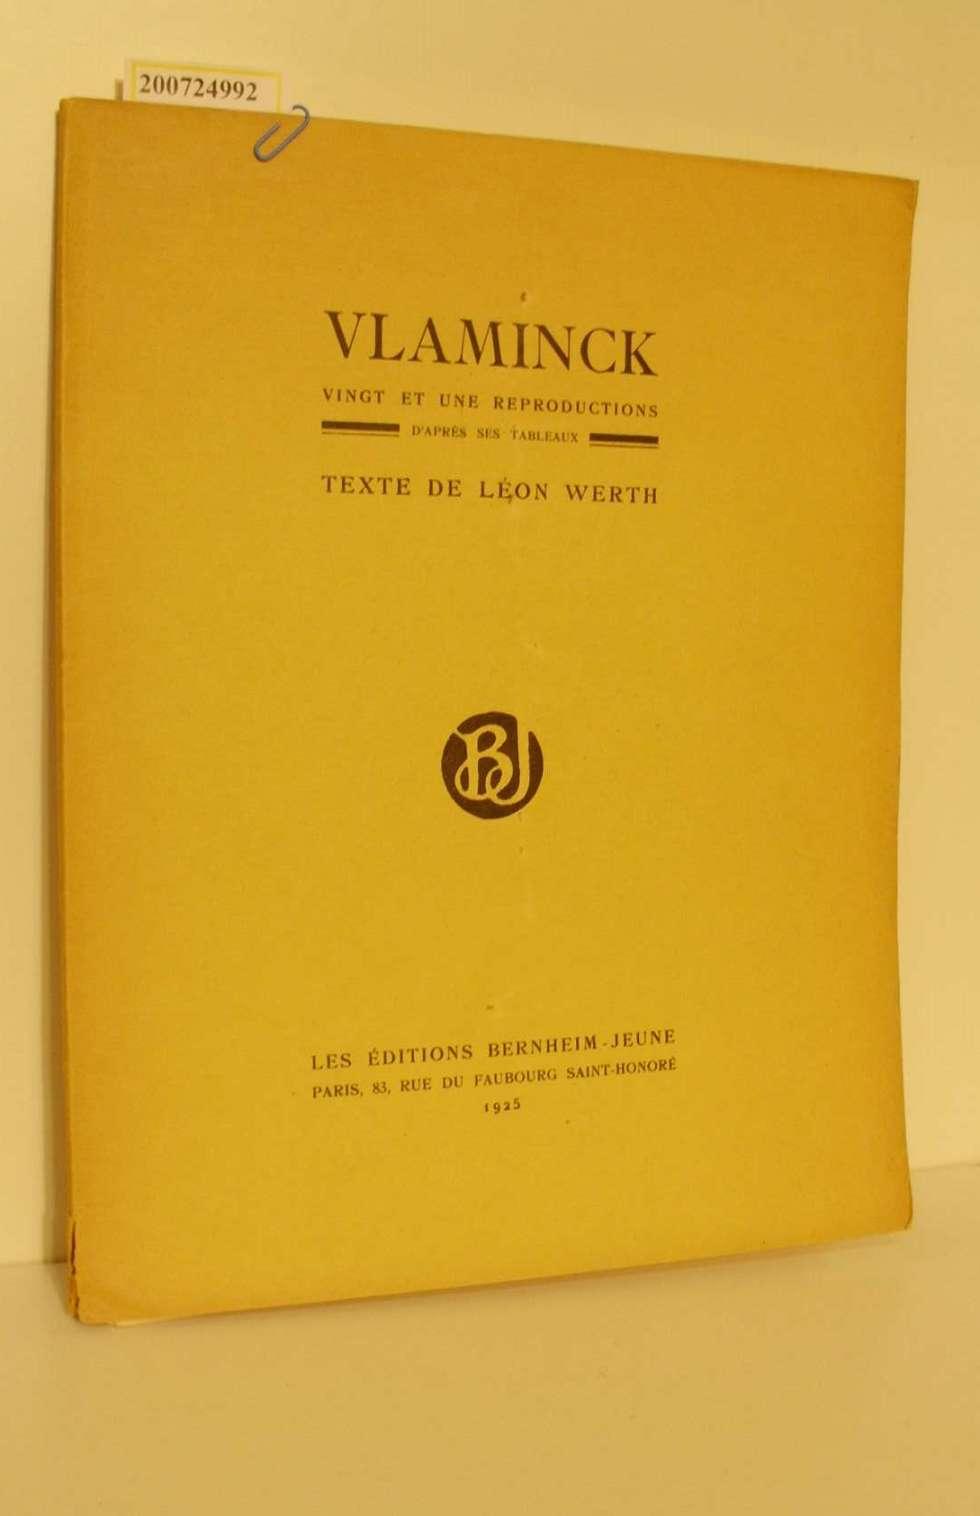 Vlaminck Vingt et une Reproductions